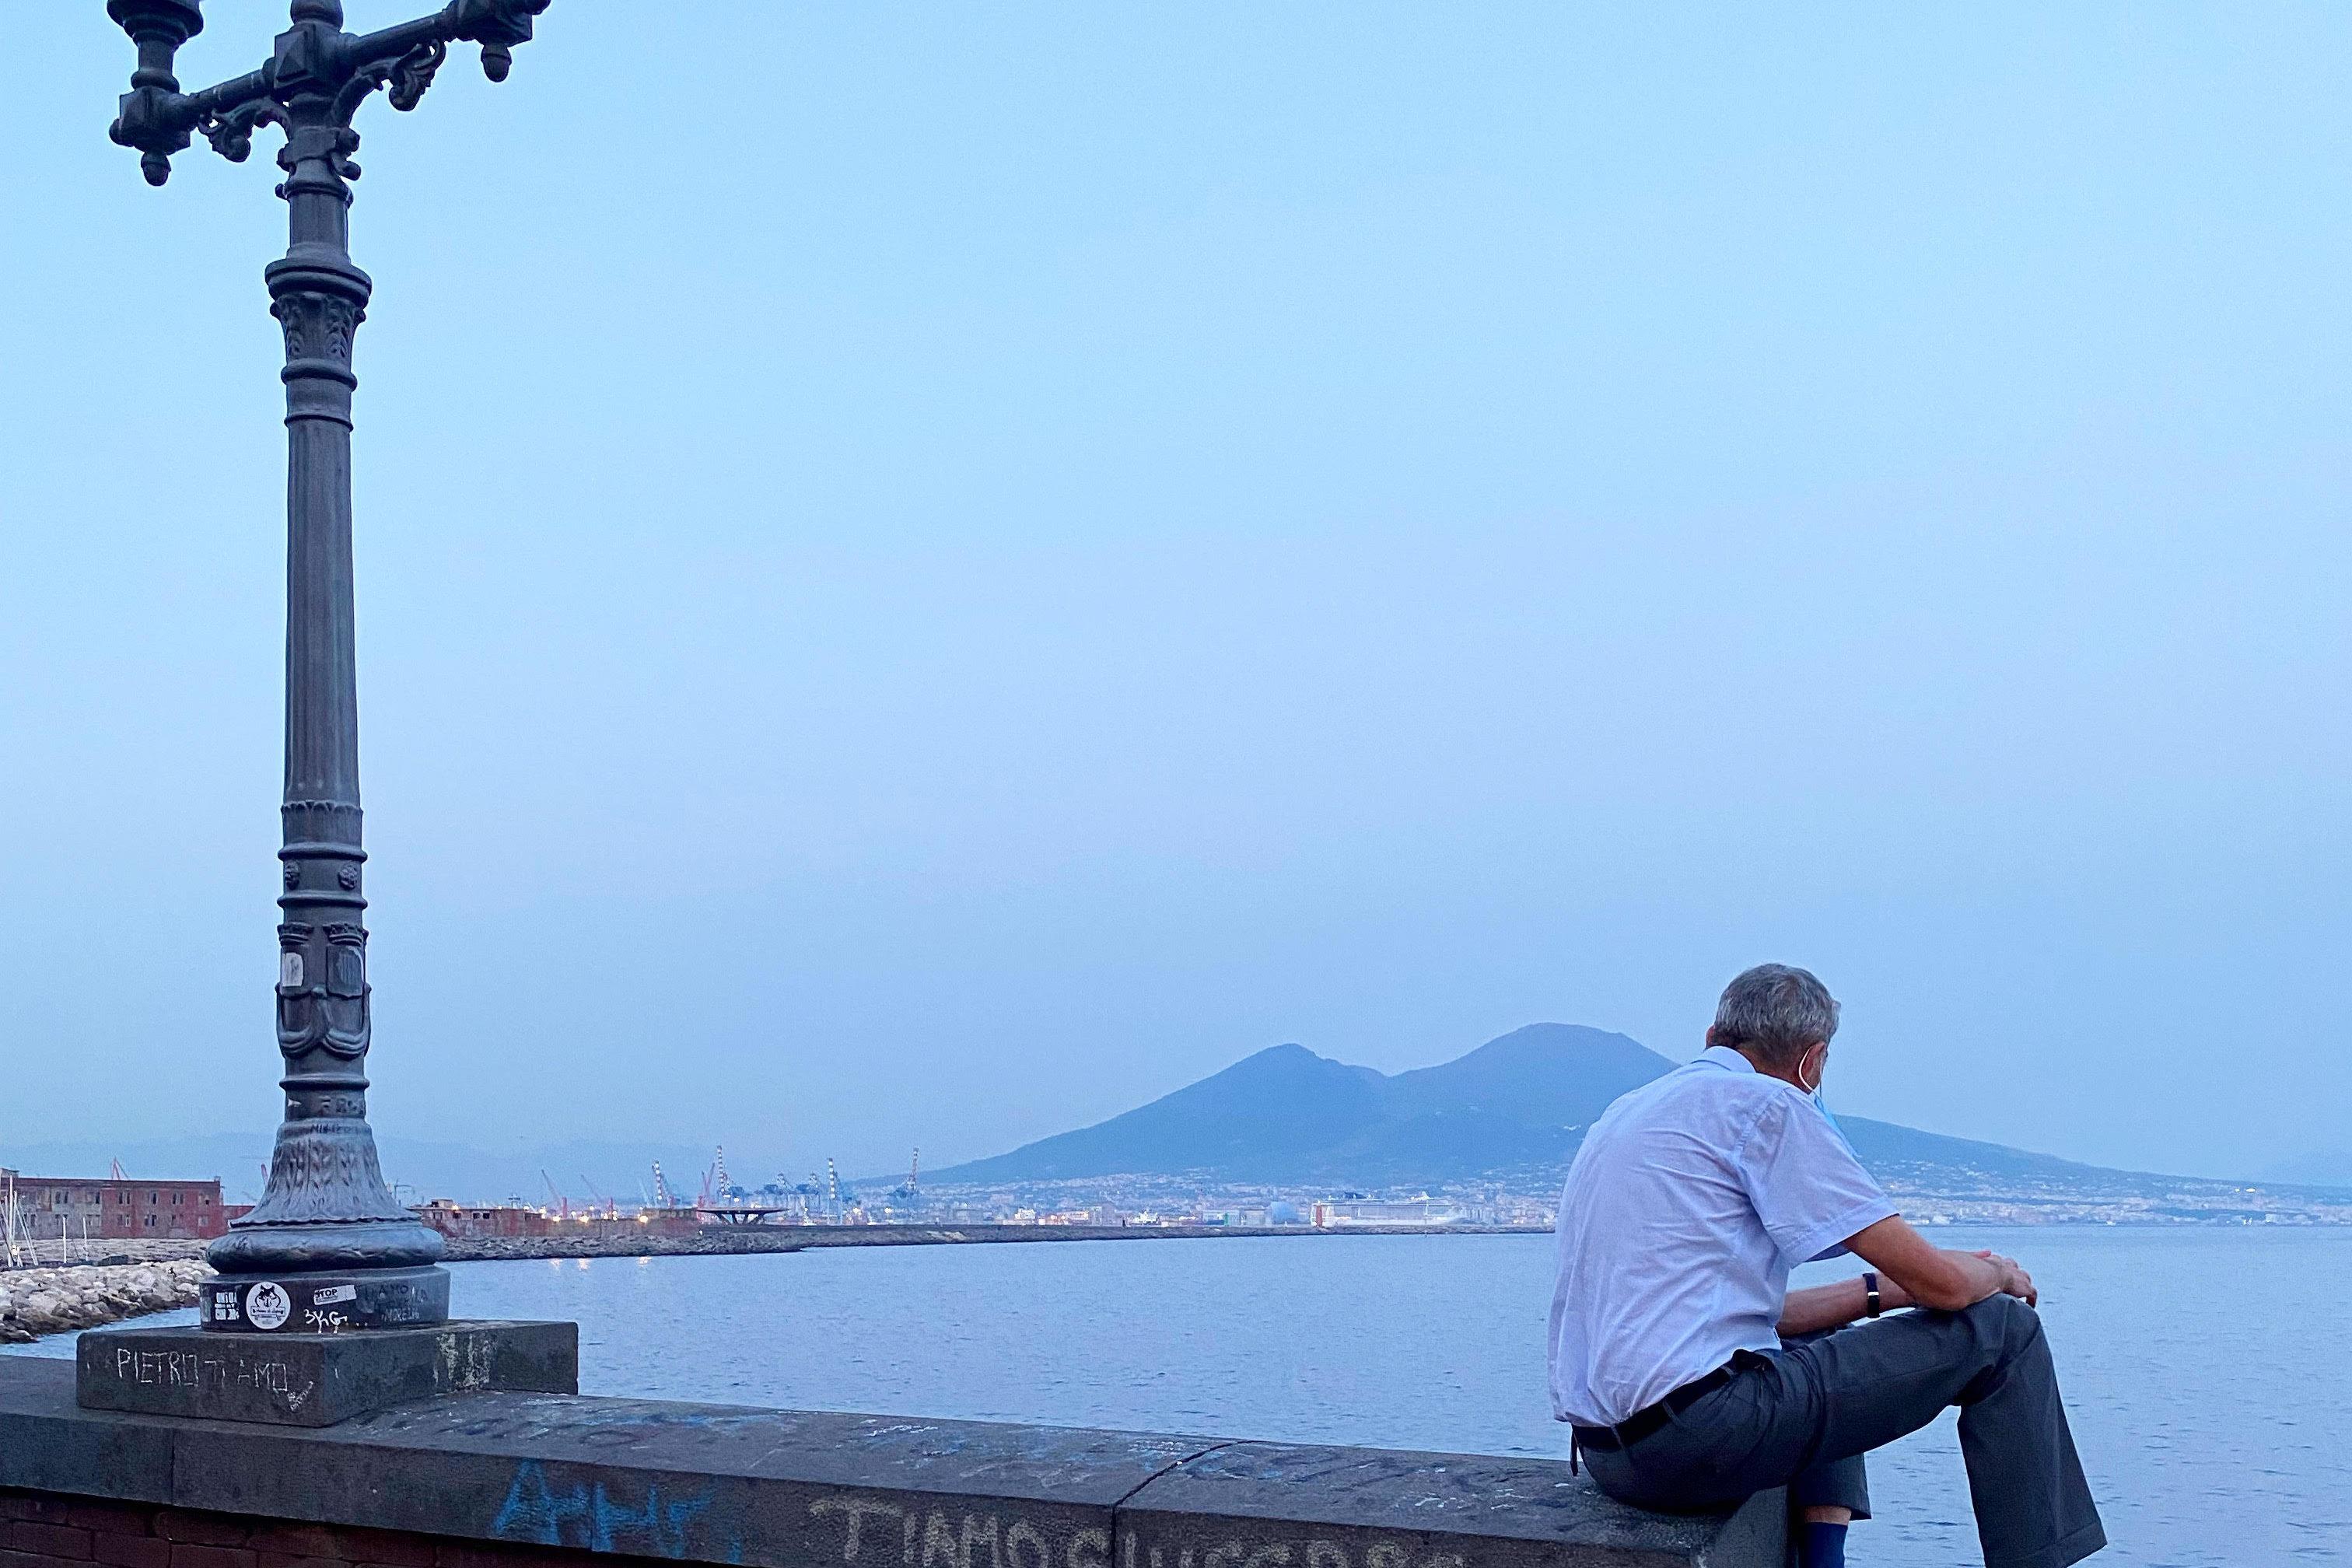 Innamorarsi di Napoli: 10 cose insolite da vedere assolutamente